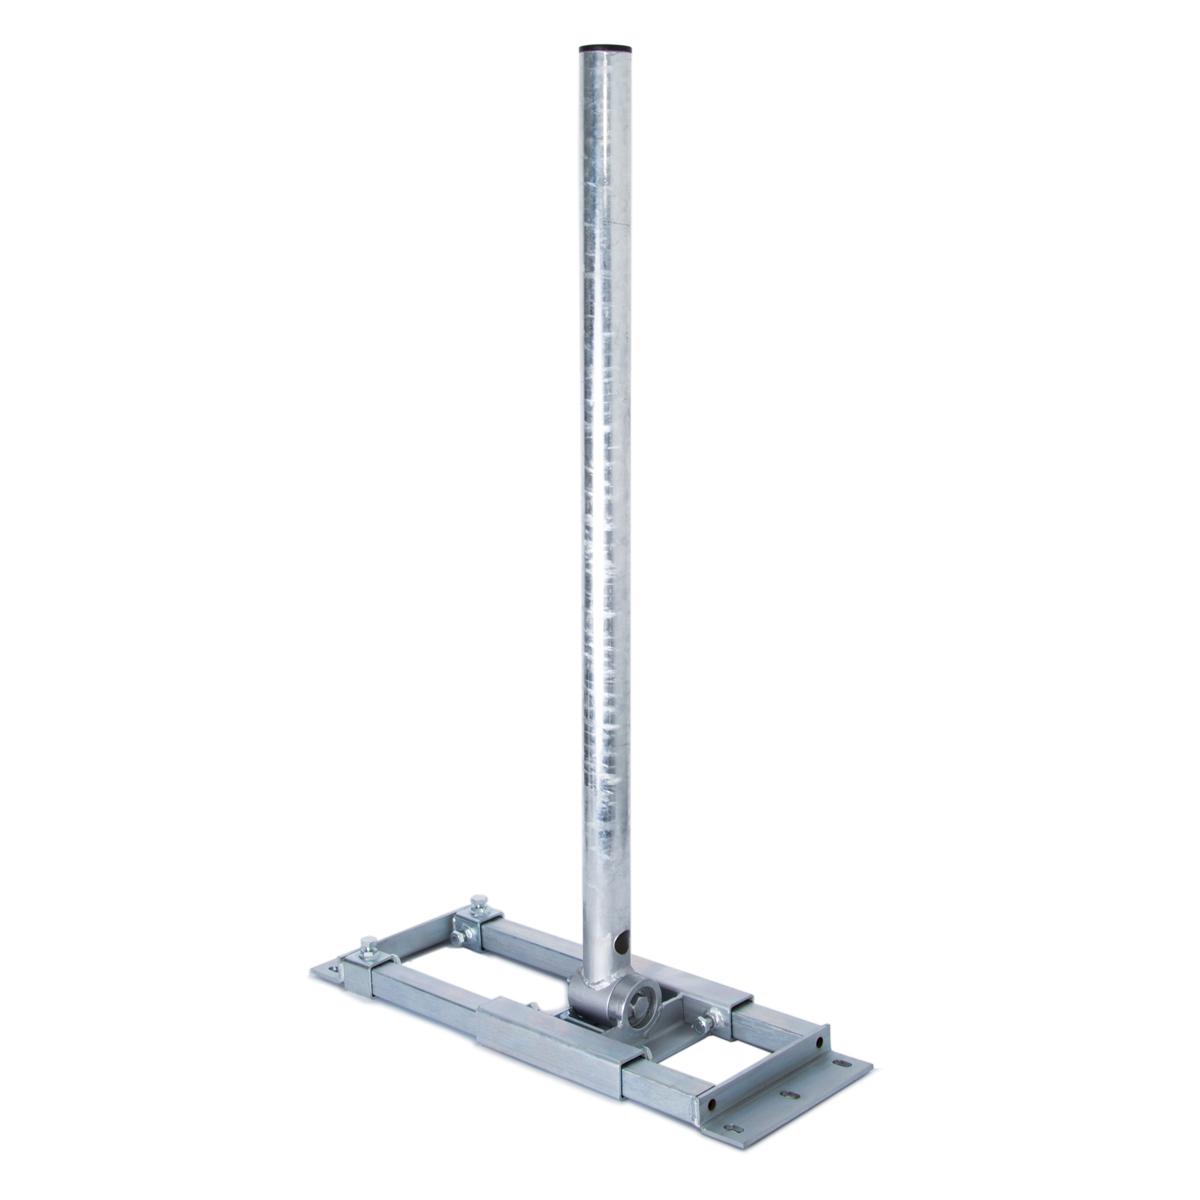 PremiumX DELUXE X90-60 Dachsparrenhalter 90cm Mast für Satellitenantenne Sparrenhalter SAT Dachhalter mit Kabeldurchführung